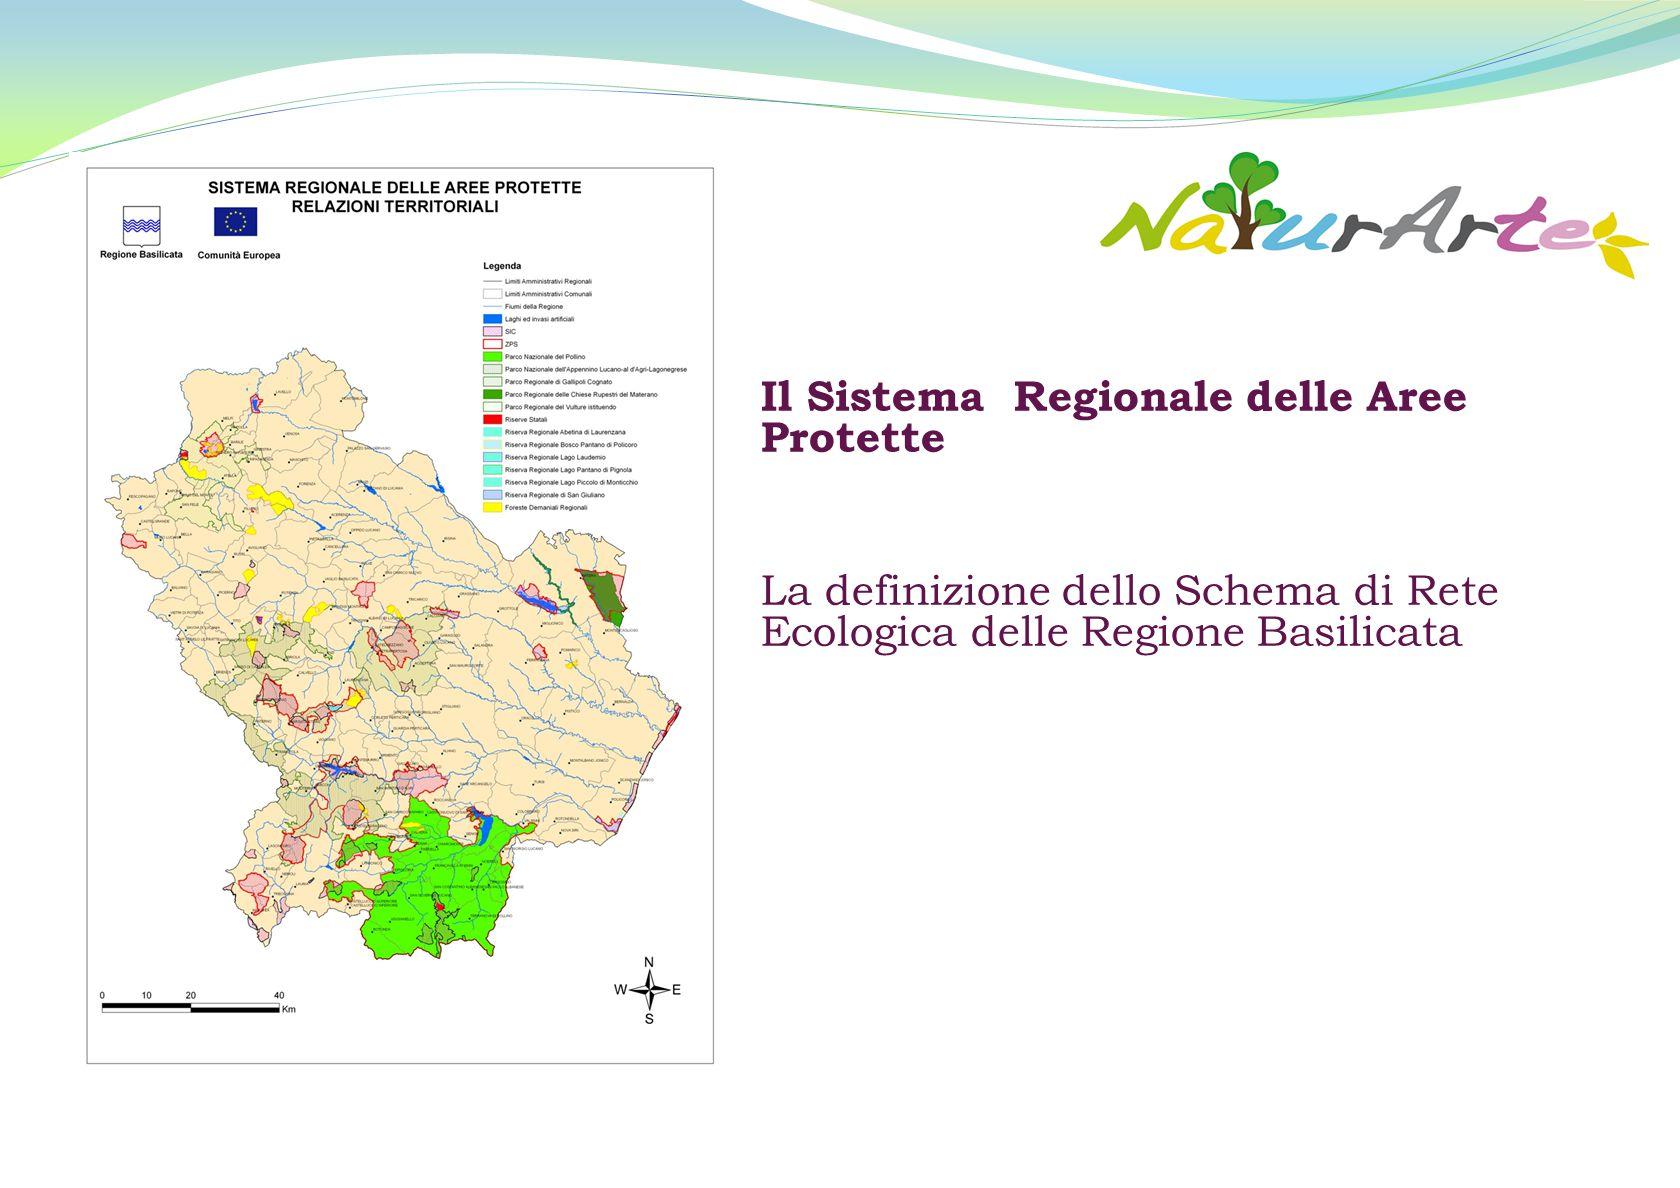 Il Sistema Regionale delle Aree Protette